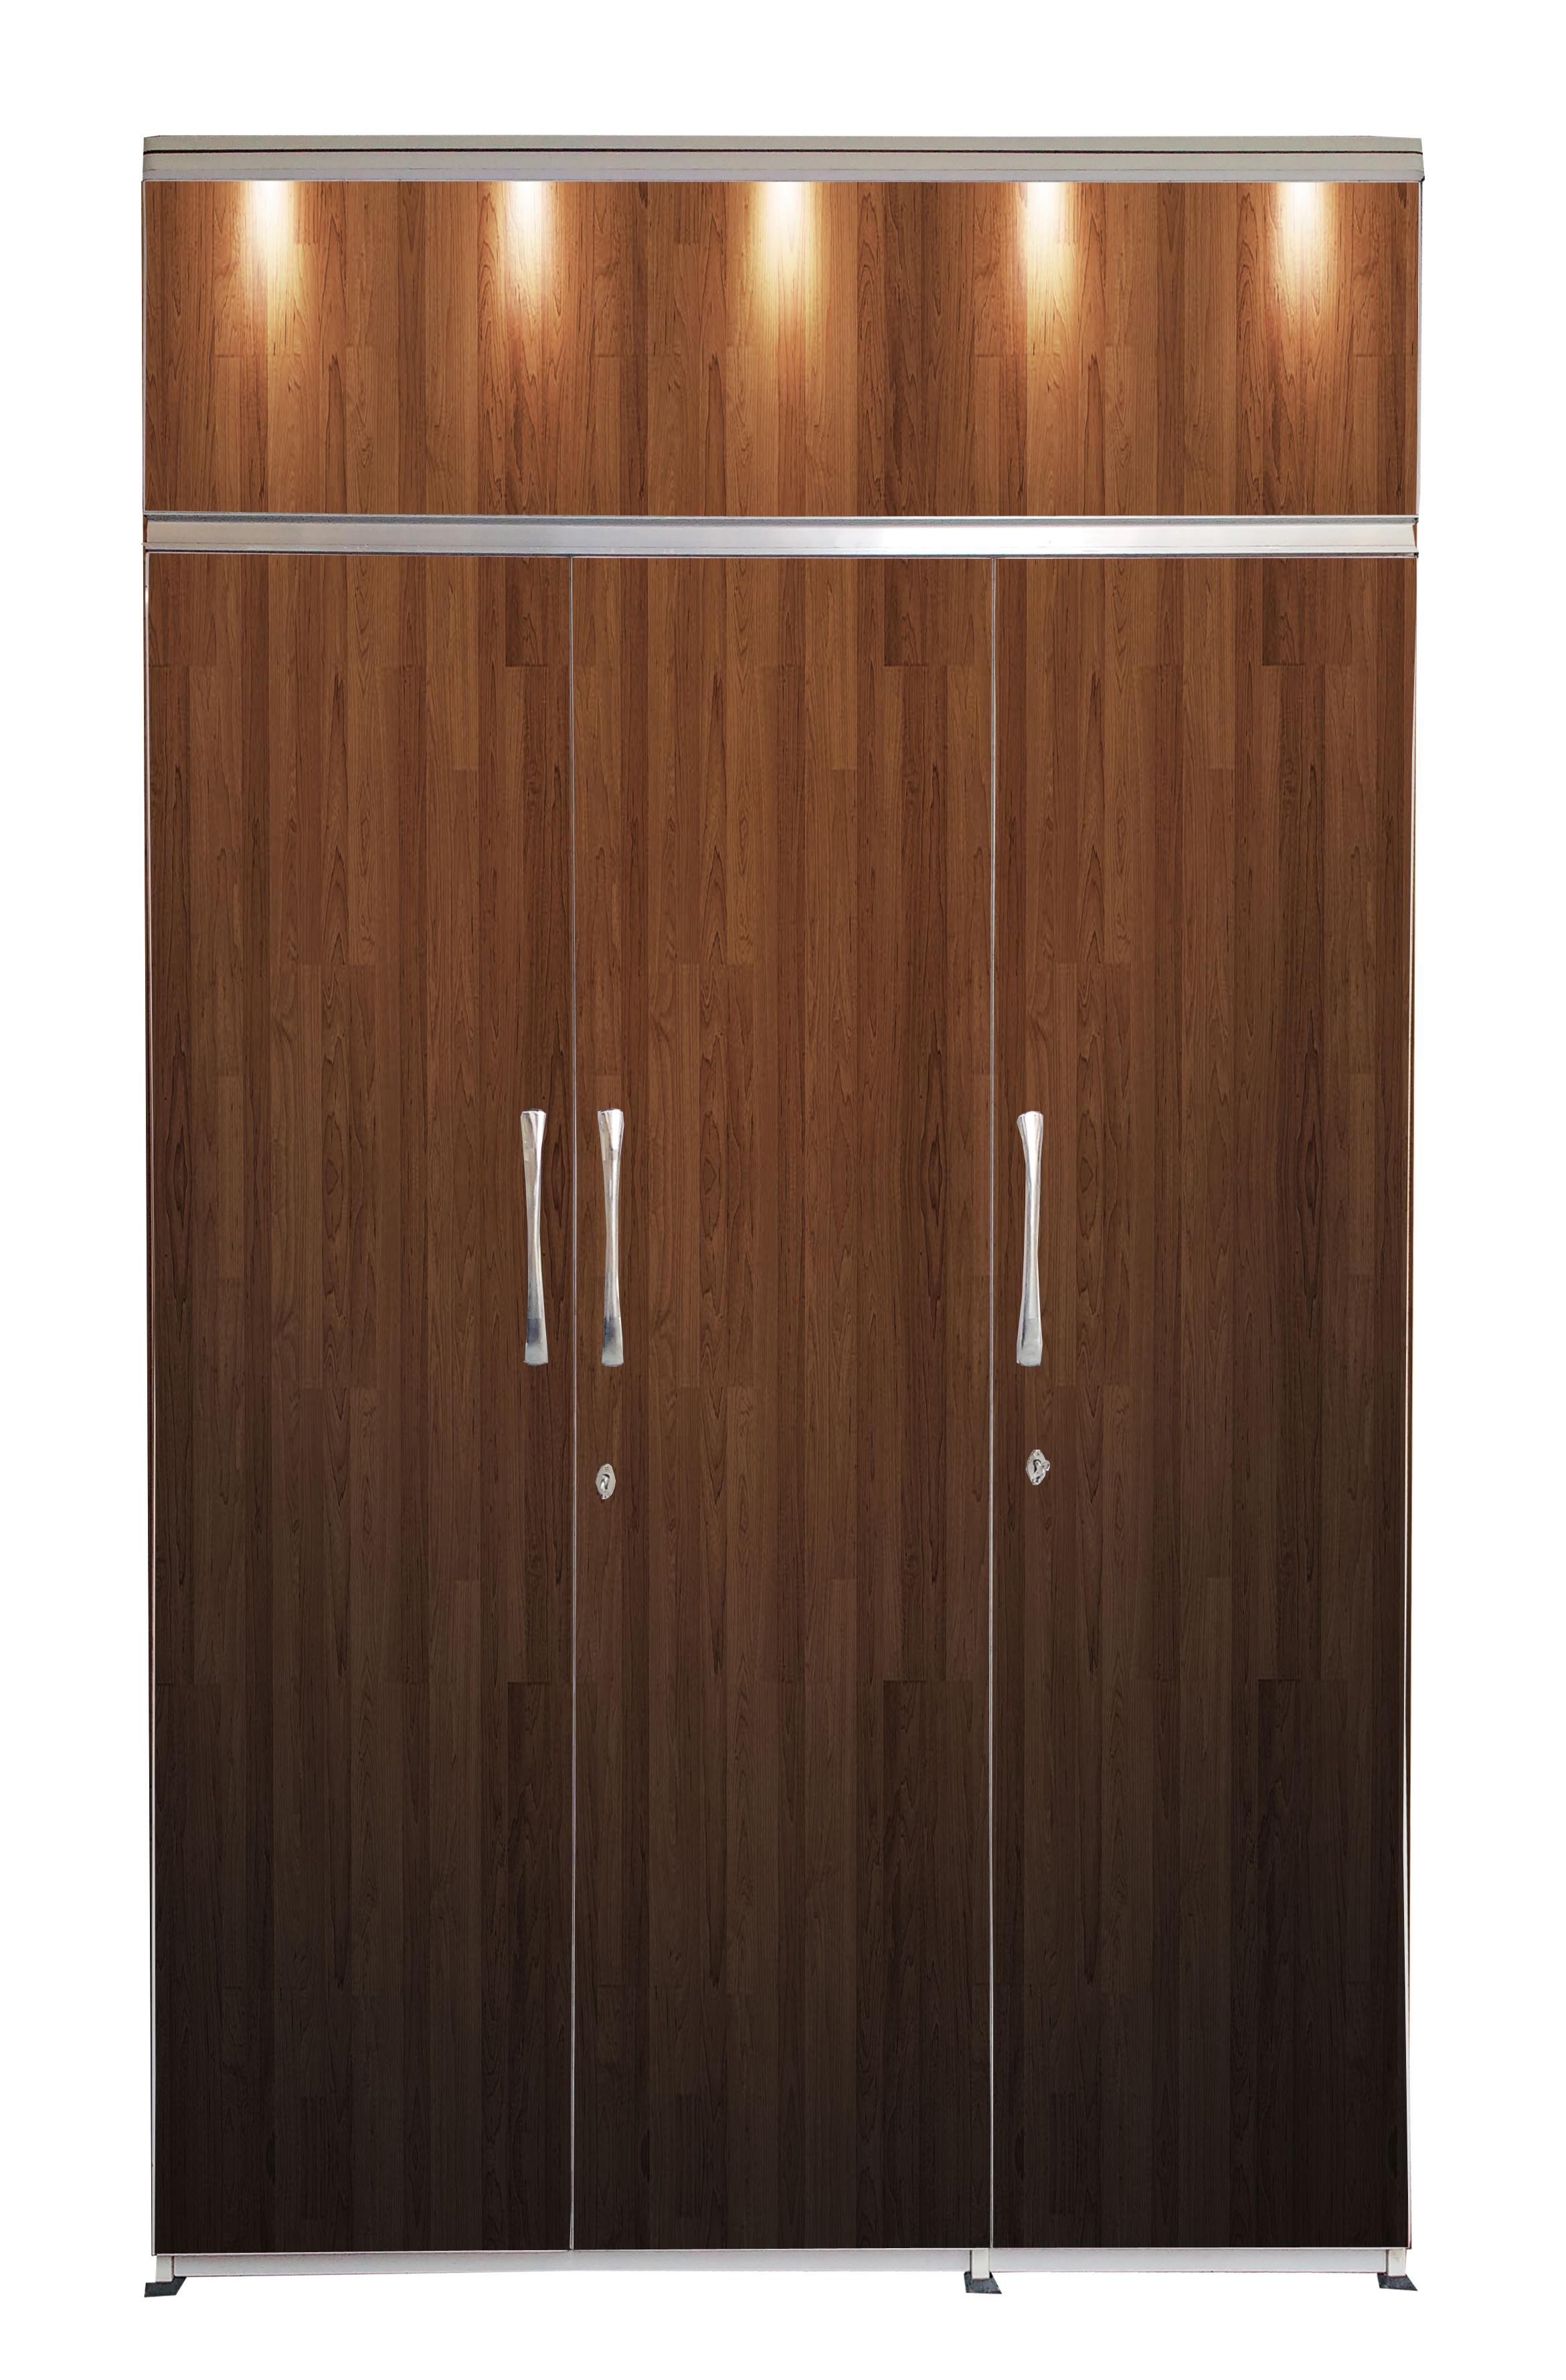 BS-3D-15-Wooden Texture-05-B